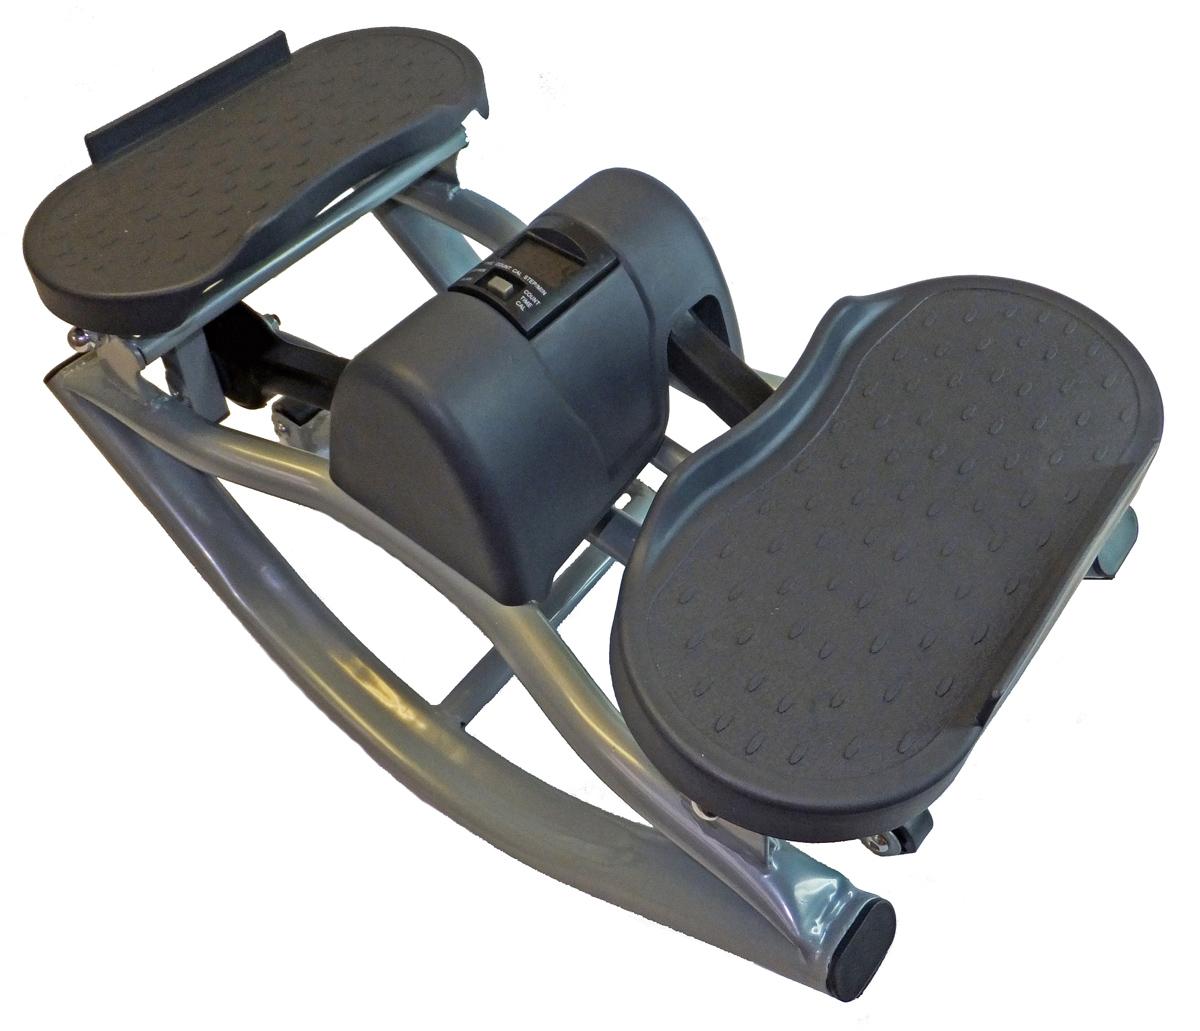 Степпер балансировочный Body Sculpture SE 5106, цвет: черныйWRA515701Body Sculpture GB-5106/0722-03 - балансировочный министеппер, небольшой аэробный тренажер для дома и офиса (имитация ходьбы по лестнице). Отлично подойдет для тех, кто хочет самостоятельно в домашних условиях поддерживать свою физическую форму в хорошем состоянии. Занимаясь на этом тренажере, любой пользователь сможет тренировать различные группы мышц: бедра, ягодицы, бицепс, трицепс, плечи, спину.Балансировочный министеппер Body Sculpture GB-5106/0722-03 имеет удобный бортовой компьютер, который отслеживает время выполнения упражнения, скорость ходьбы, количество сделанных шагов и количество потраченных калорий. Министеппер Body Sculpture GB-5106/0722-03 - это максимально эффективный и при этом самый компактный и самый миниатюрный тренажер. Он подходит для большинства квартир, не занимает много места, Вы сможете хранить его даже под кроватью.Характеристики:Конструкция проста, надежна и компактна.Бесшумная модель, приводимая в движение переносом центра тяжести с одной ноги на другую.На раме есть специальные металлические петли-держатели для ручек (ручки в комплект не входят).Расширенные платформы для ног дополнены выпуклым рисунком, предотвращающим скольжение.Компьютер в сканирующем режиме отображает:- время,- количество шагов,- частоту шагов в минуту,- расход калорий. Характеристики: Материал: металл, пластик. Вес: 7400 г. Размер тренажера (ДхШхВ): 51 см х 27 см х 27 см. Размер упаковки (ДхШхВ): 51 см х 29 см х 40 см. Изготовитель: Китай. Гарантия: 1 год. Артикул:GB-5106/ SE 5106.